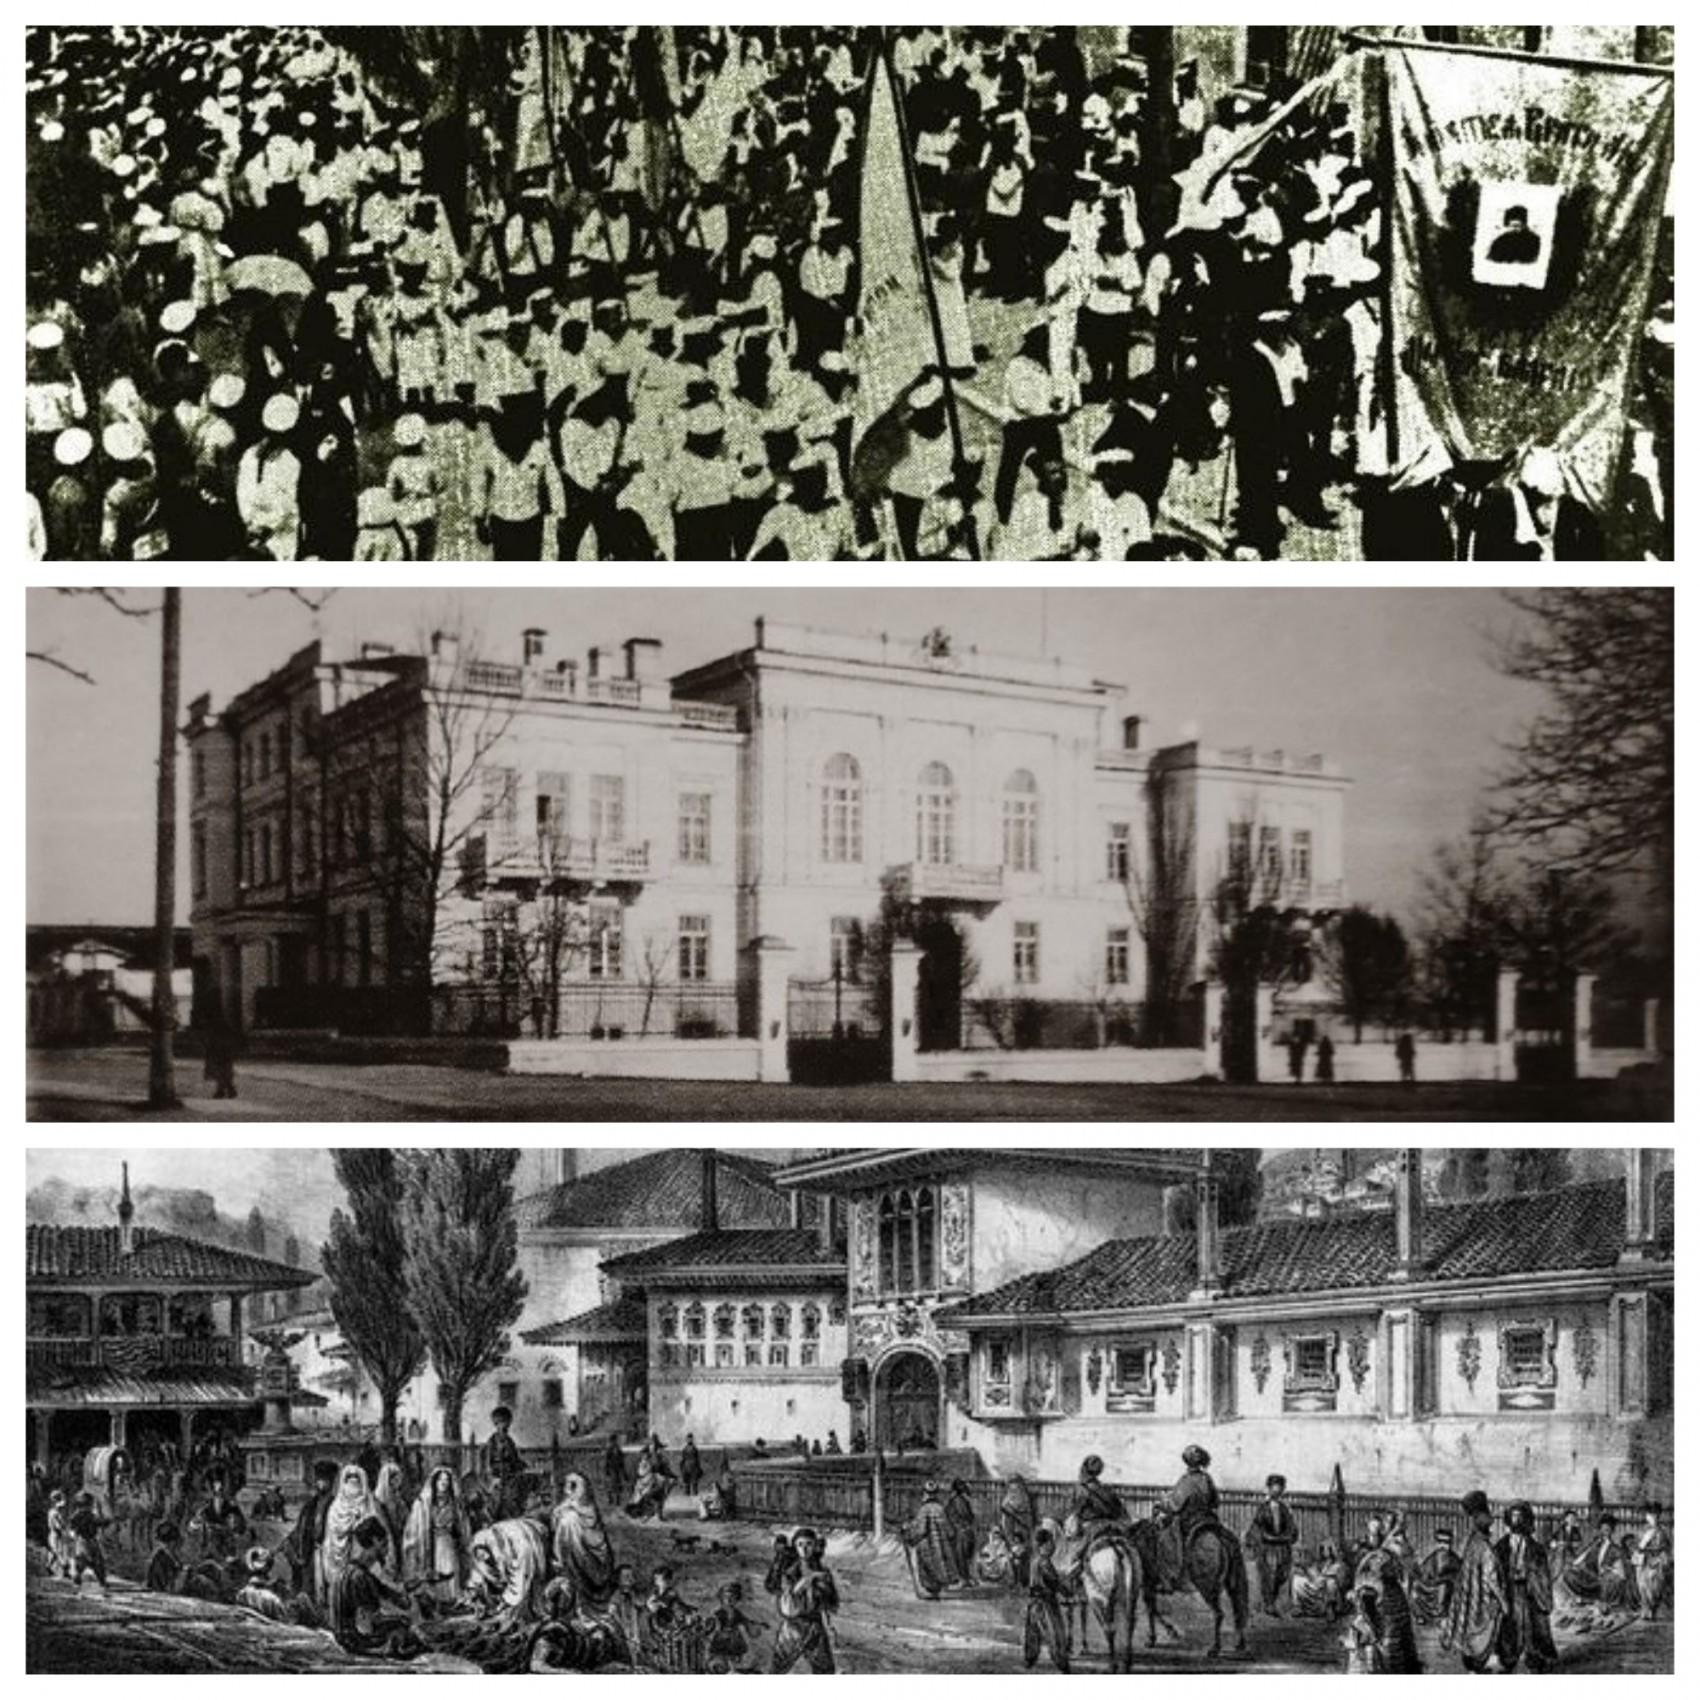 В якому місті у грудні 1917 року відбулося засідання першого Курултаю кримськотатарського народу, який проголосив Кримську народну республіку, ухвалив її Конституцію та сформував національний уряд – Директорію?